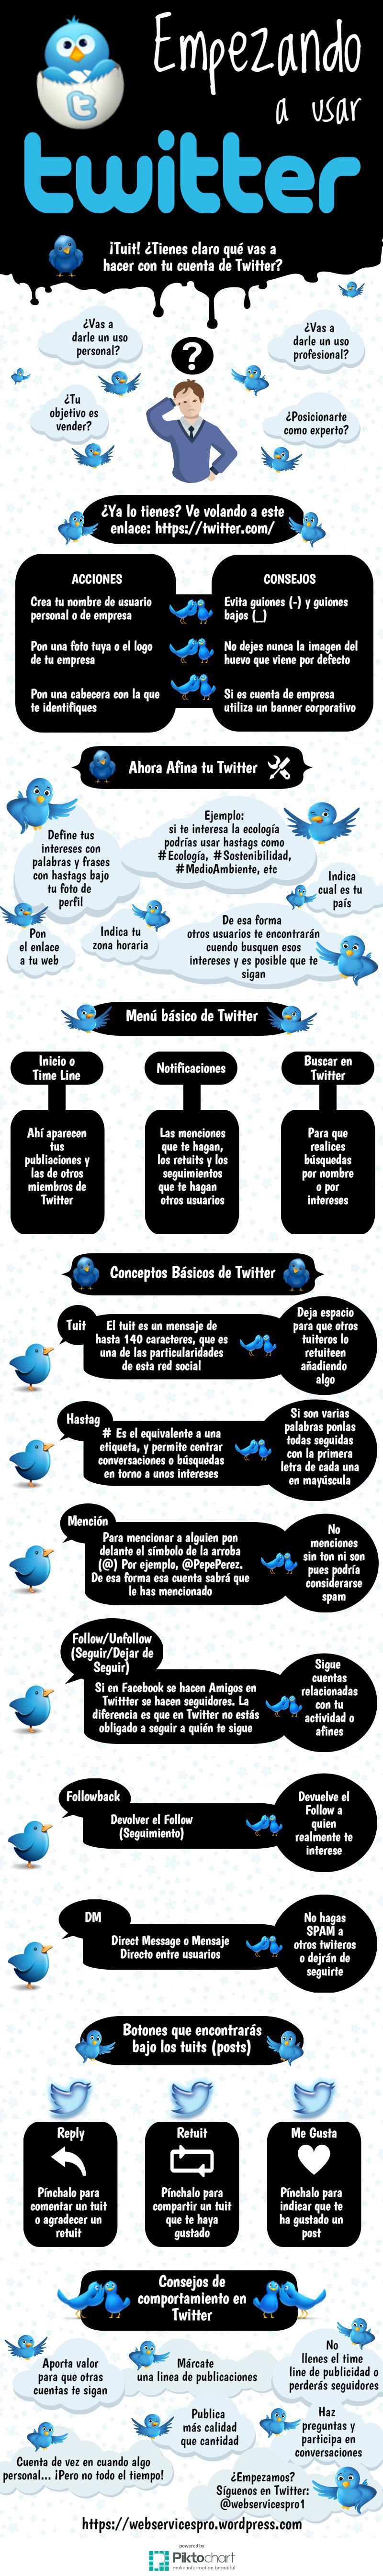 Cómo comenzar a usar Twitter